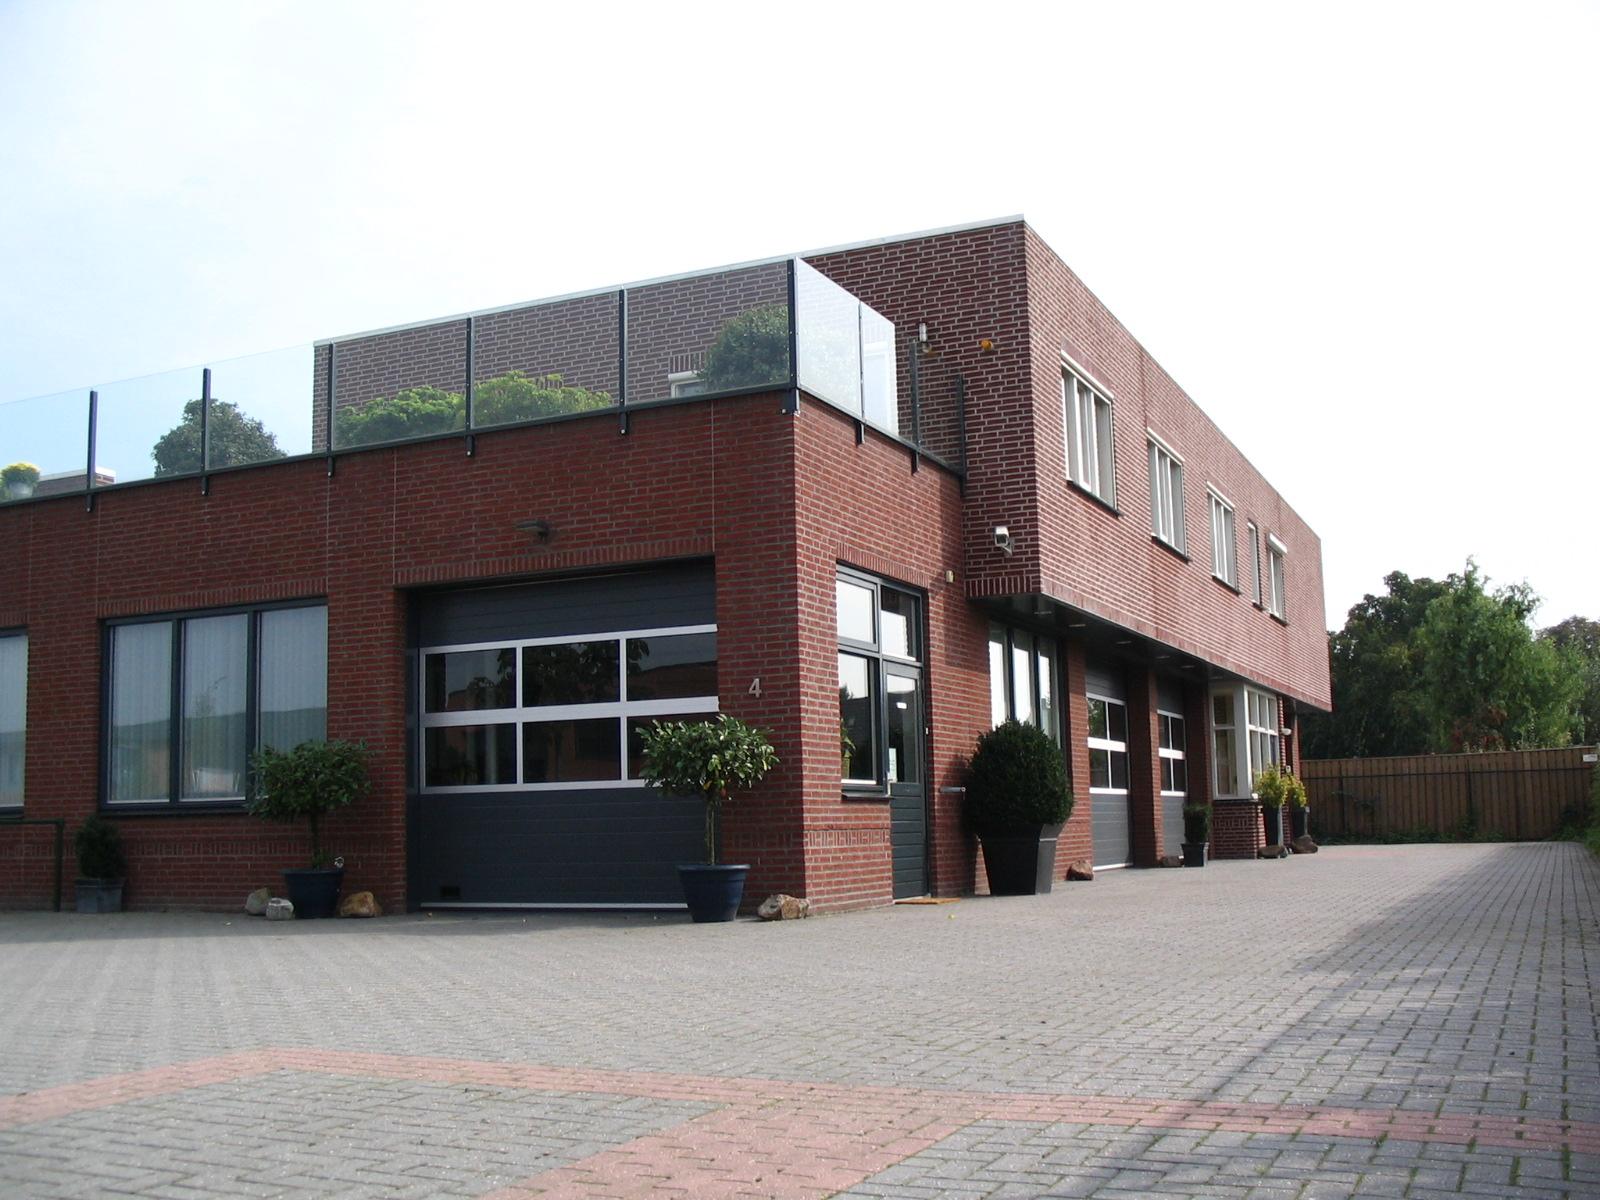 Bedrijfsruimte Sint-Oedenrode Alfred Nobelstraat 4 en 4a